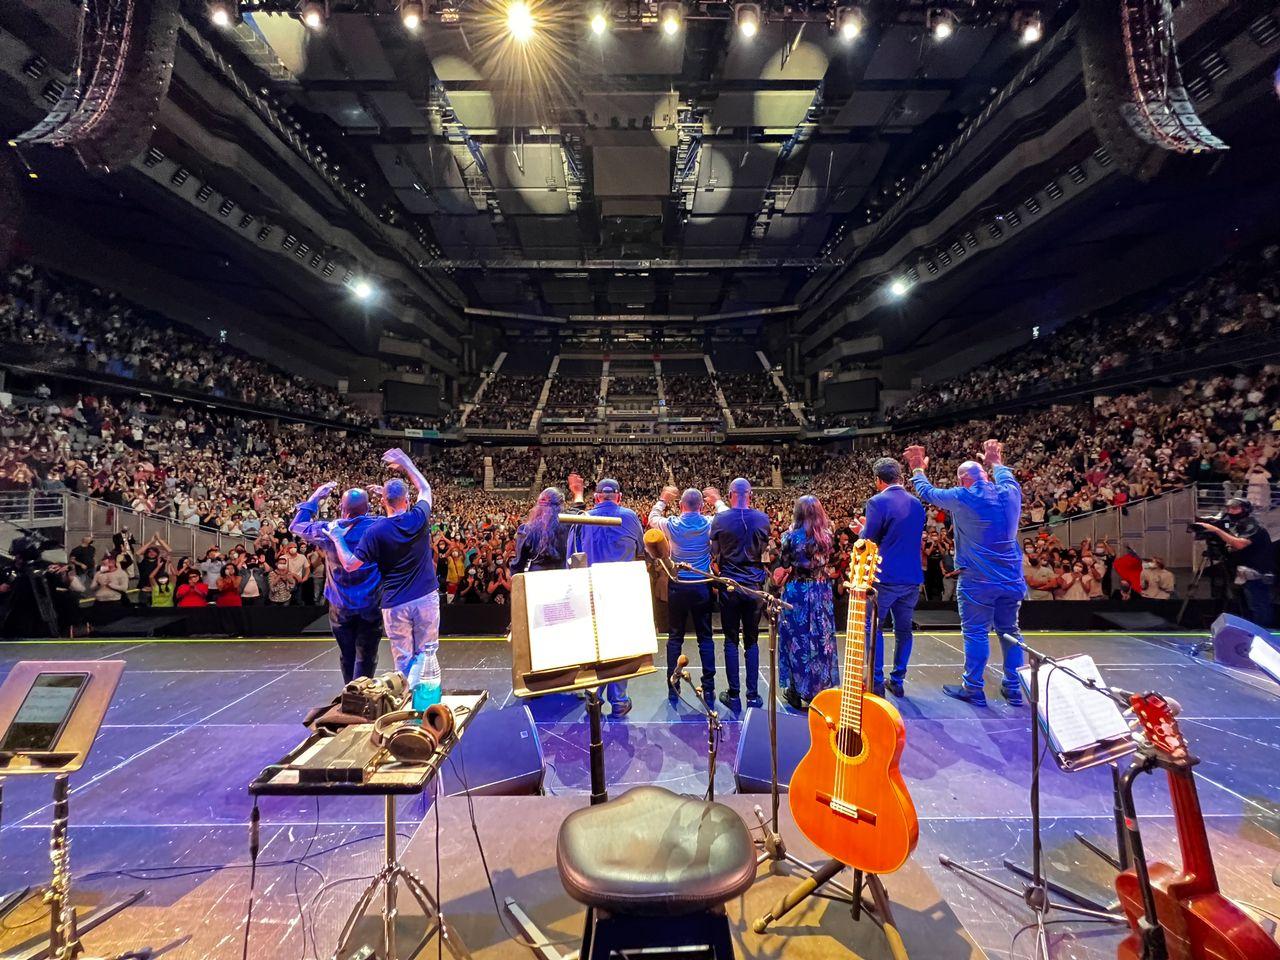 https://i2.wp.com/media.cubadebate.cu/wp-content/uploads/2021/10/silvio-en-espa%C3%B1a-concierto-7.jpg